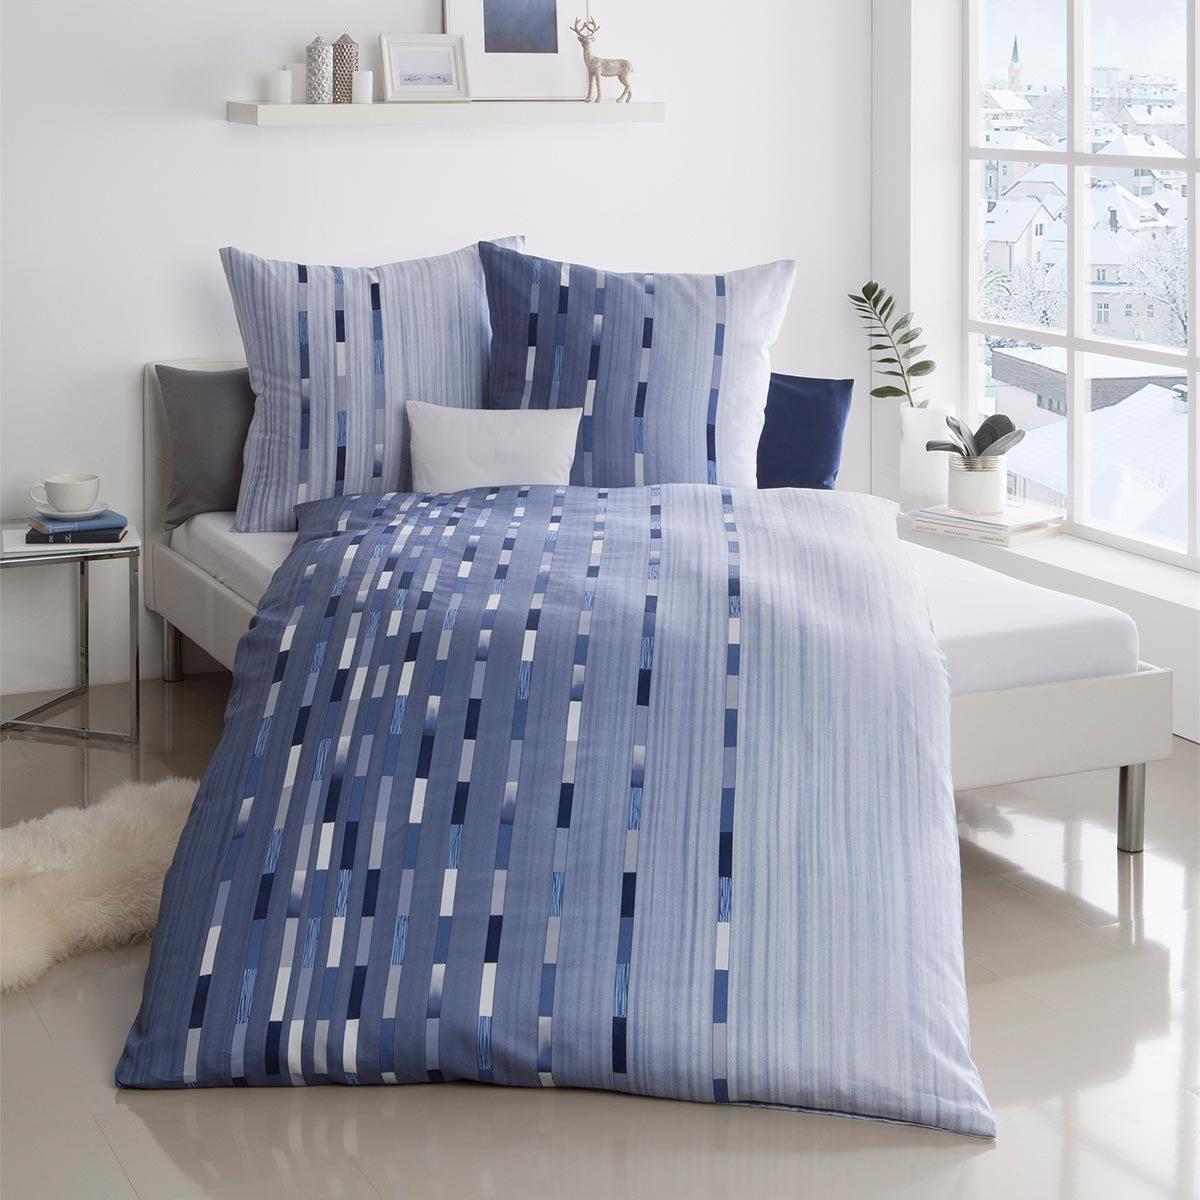 kaeppel mako satin bettw sche following kobalt g nstig. Black Bedroom Furniture Sets. Home Design Ideas